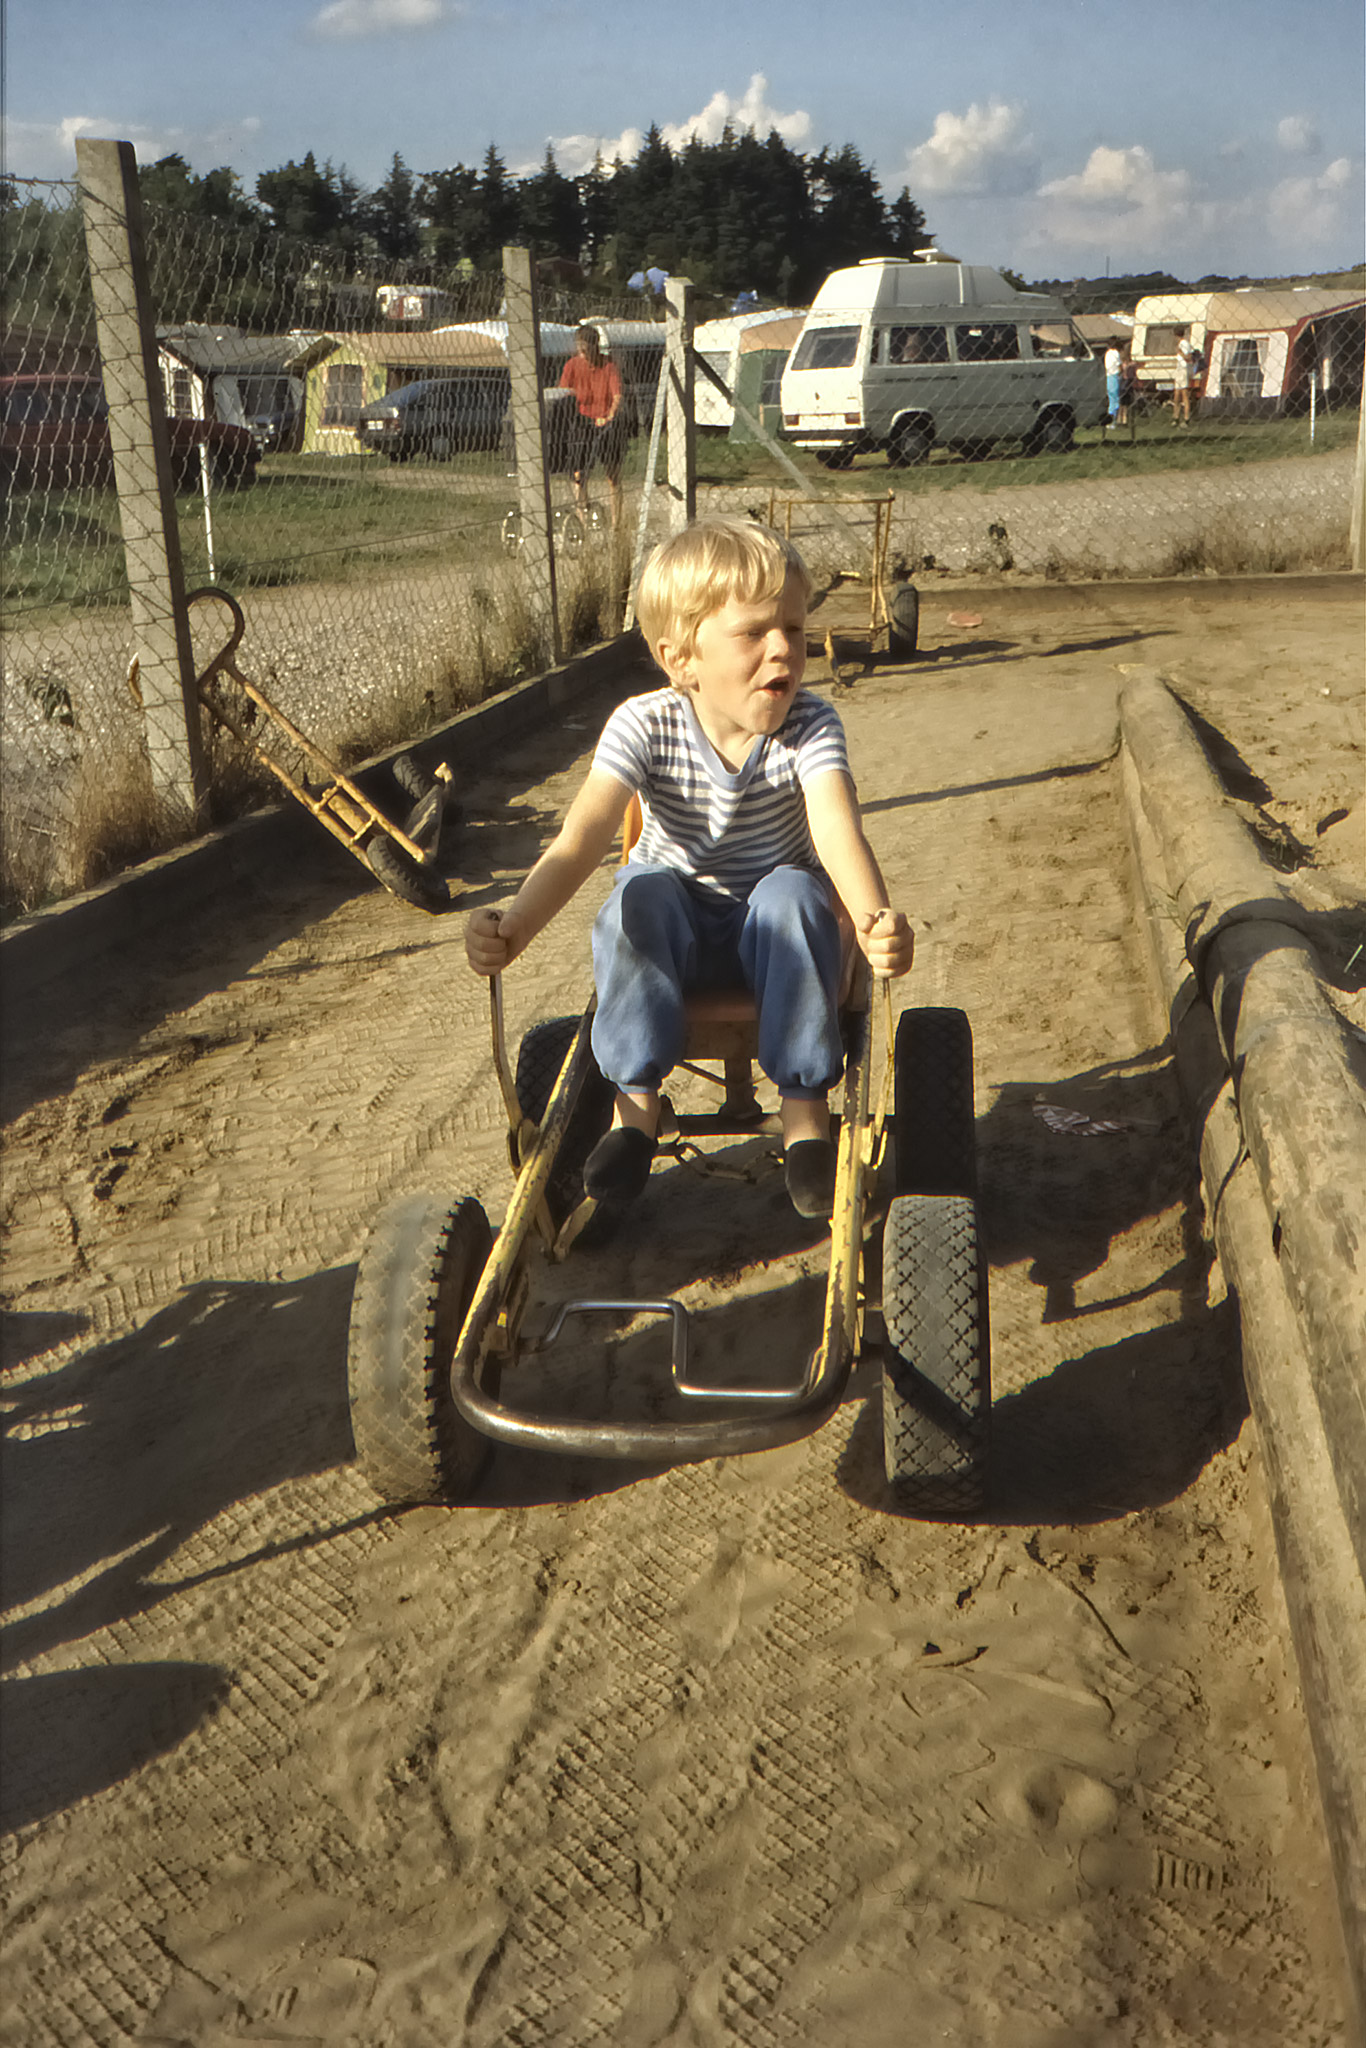 Arvid kör trampbil på Jespershus Camping.